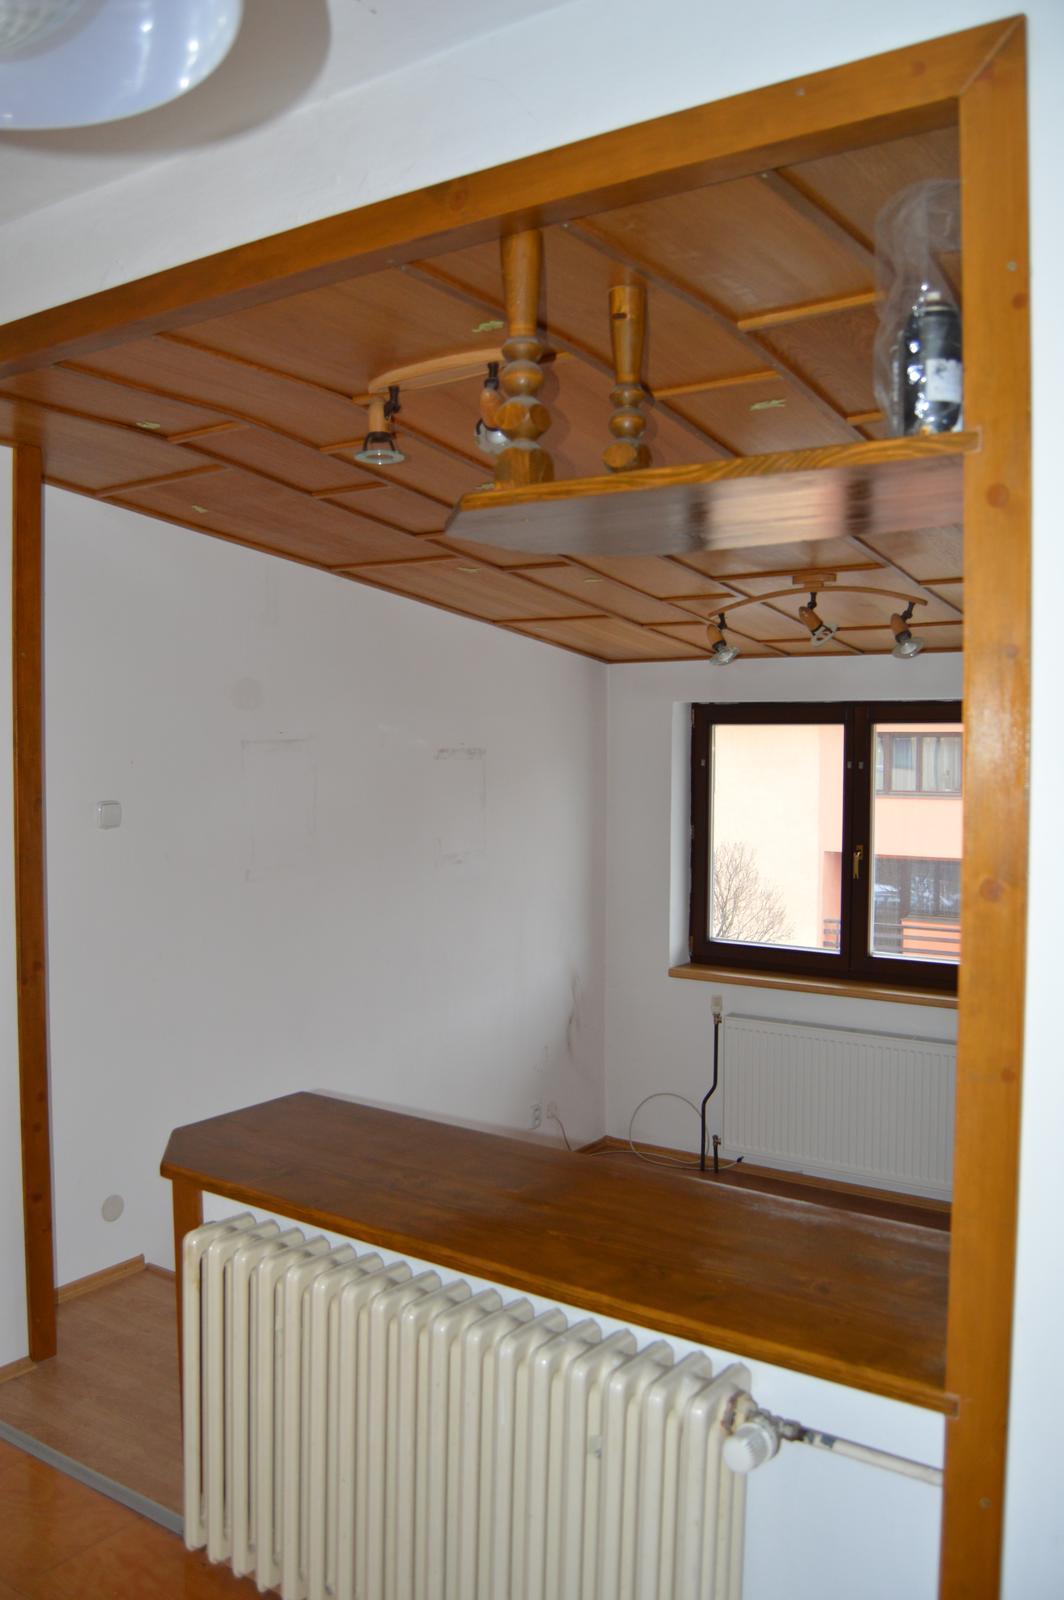 Naša rekonštrukcia - Tak, a dalšia izba pred, atypická L- ková izba, ktorá vznikla prístavbou nad garáž. Múrik sme zrušili schodíky, ktoré viedli až takmer do polovice izby tiež